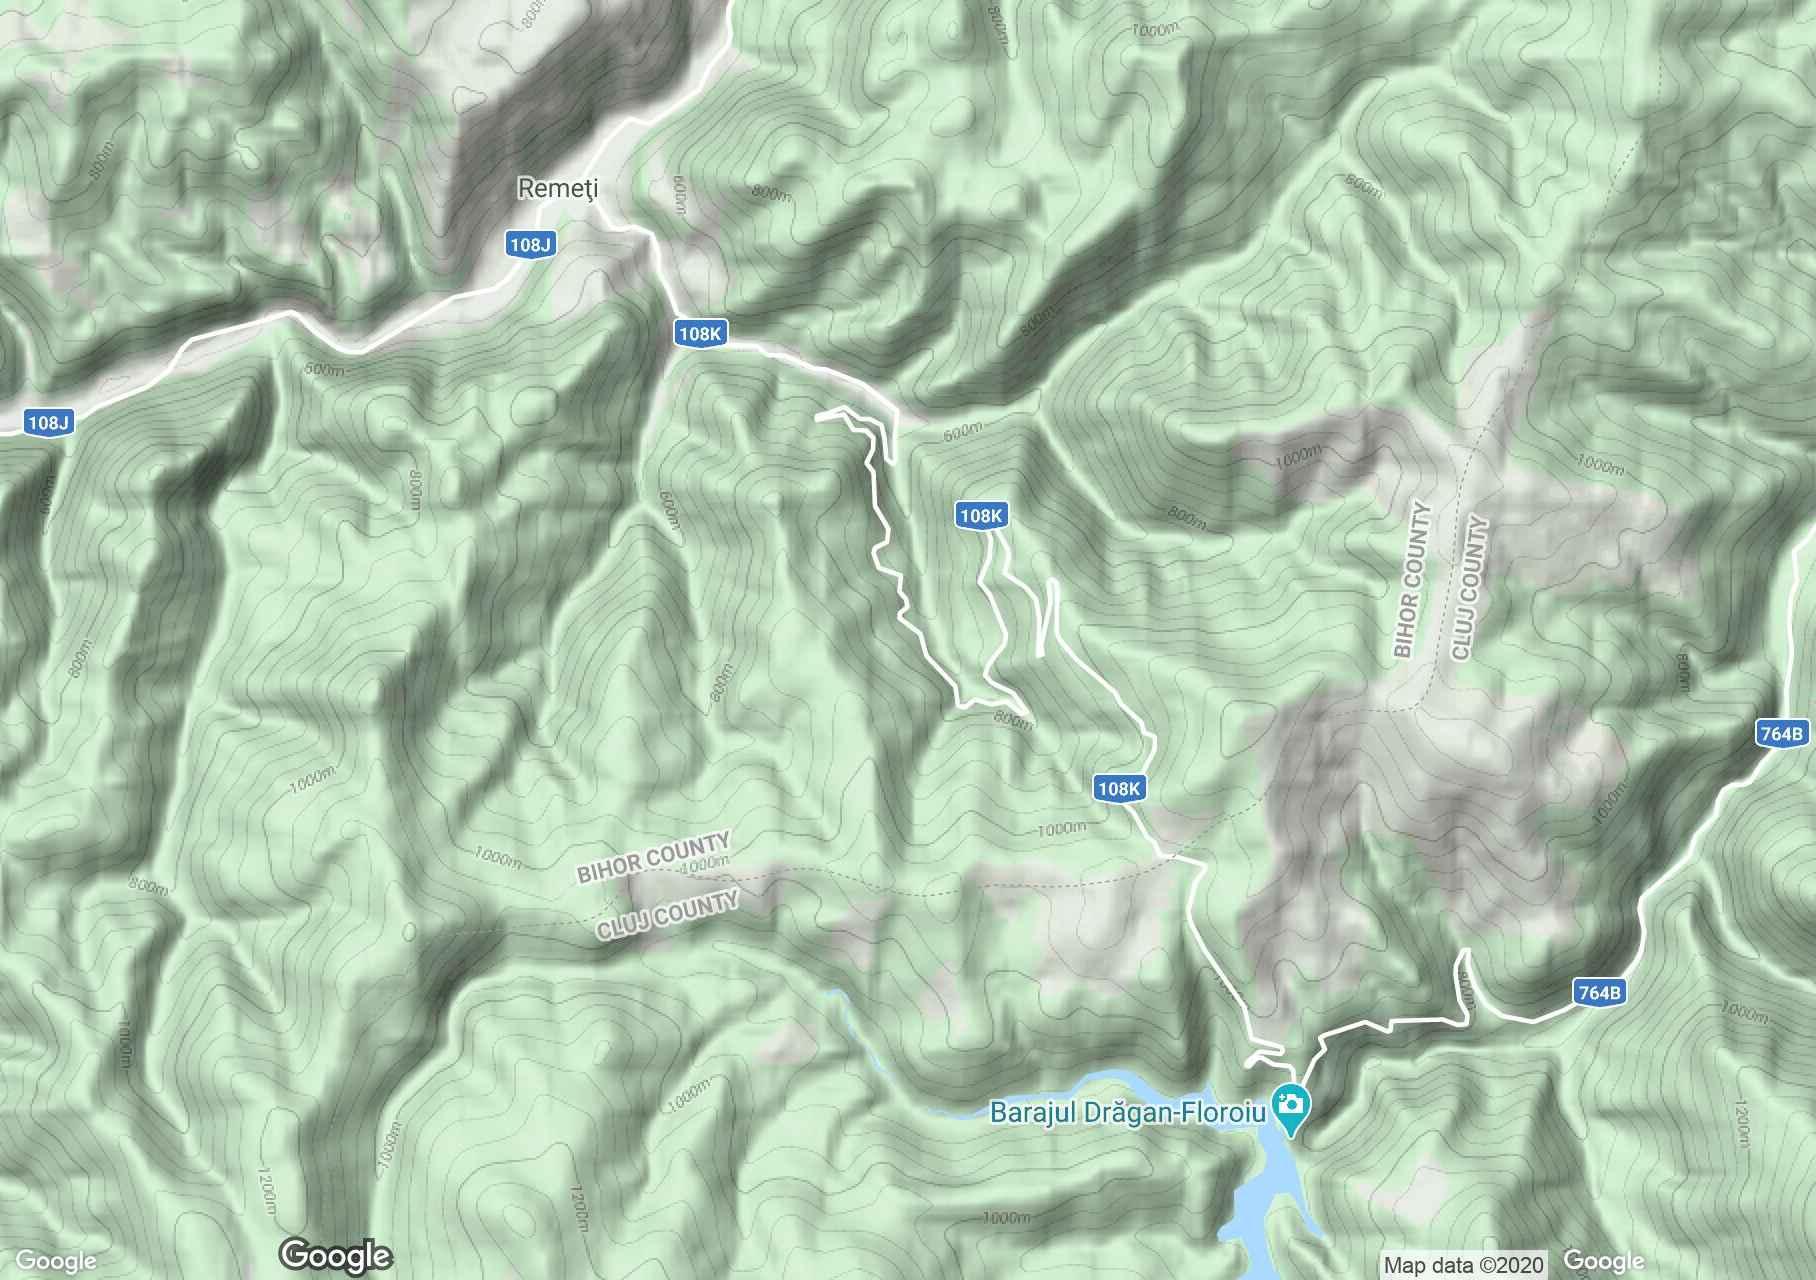 Remec interaktív turista térképe.